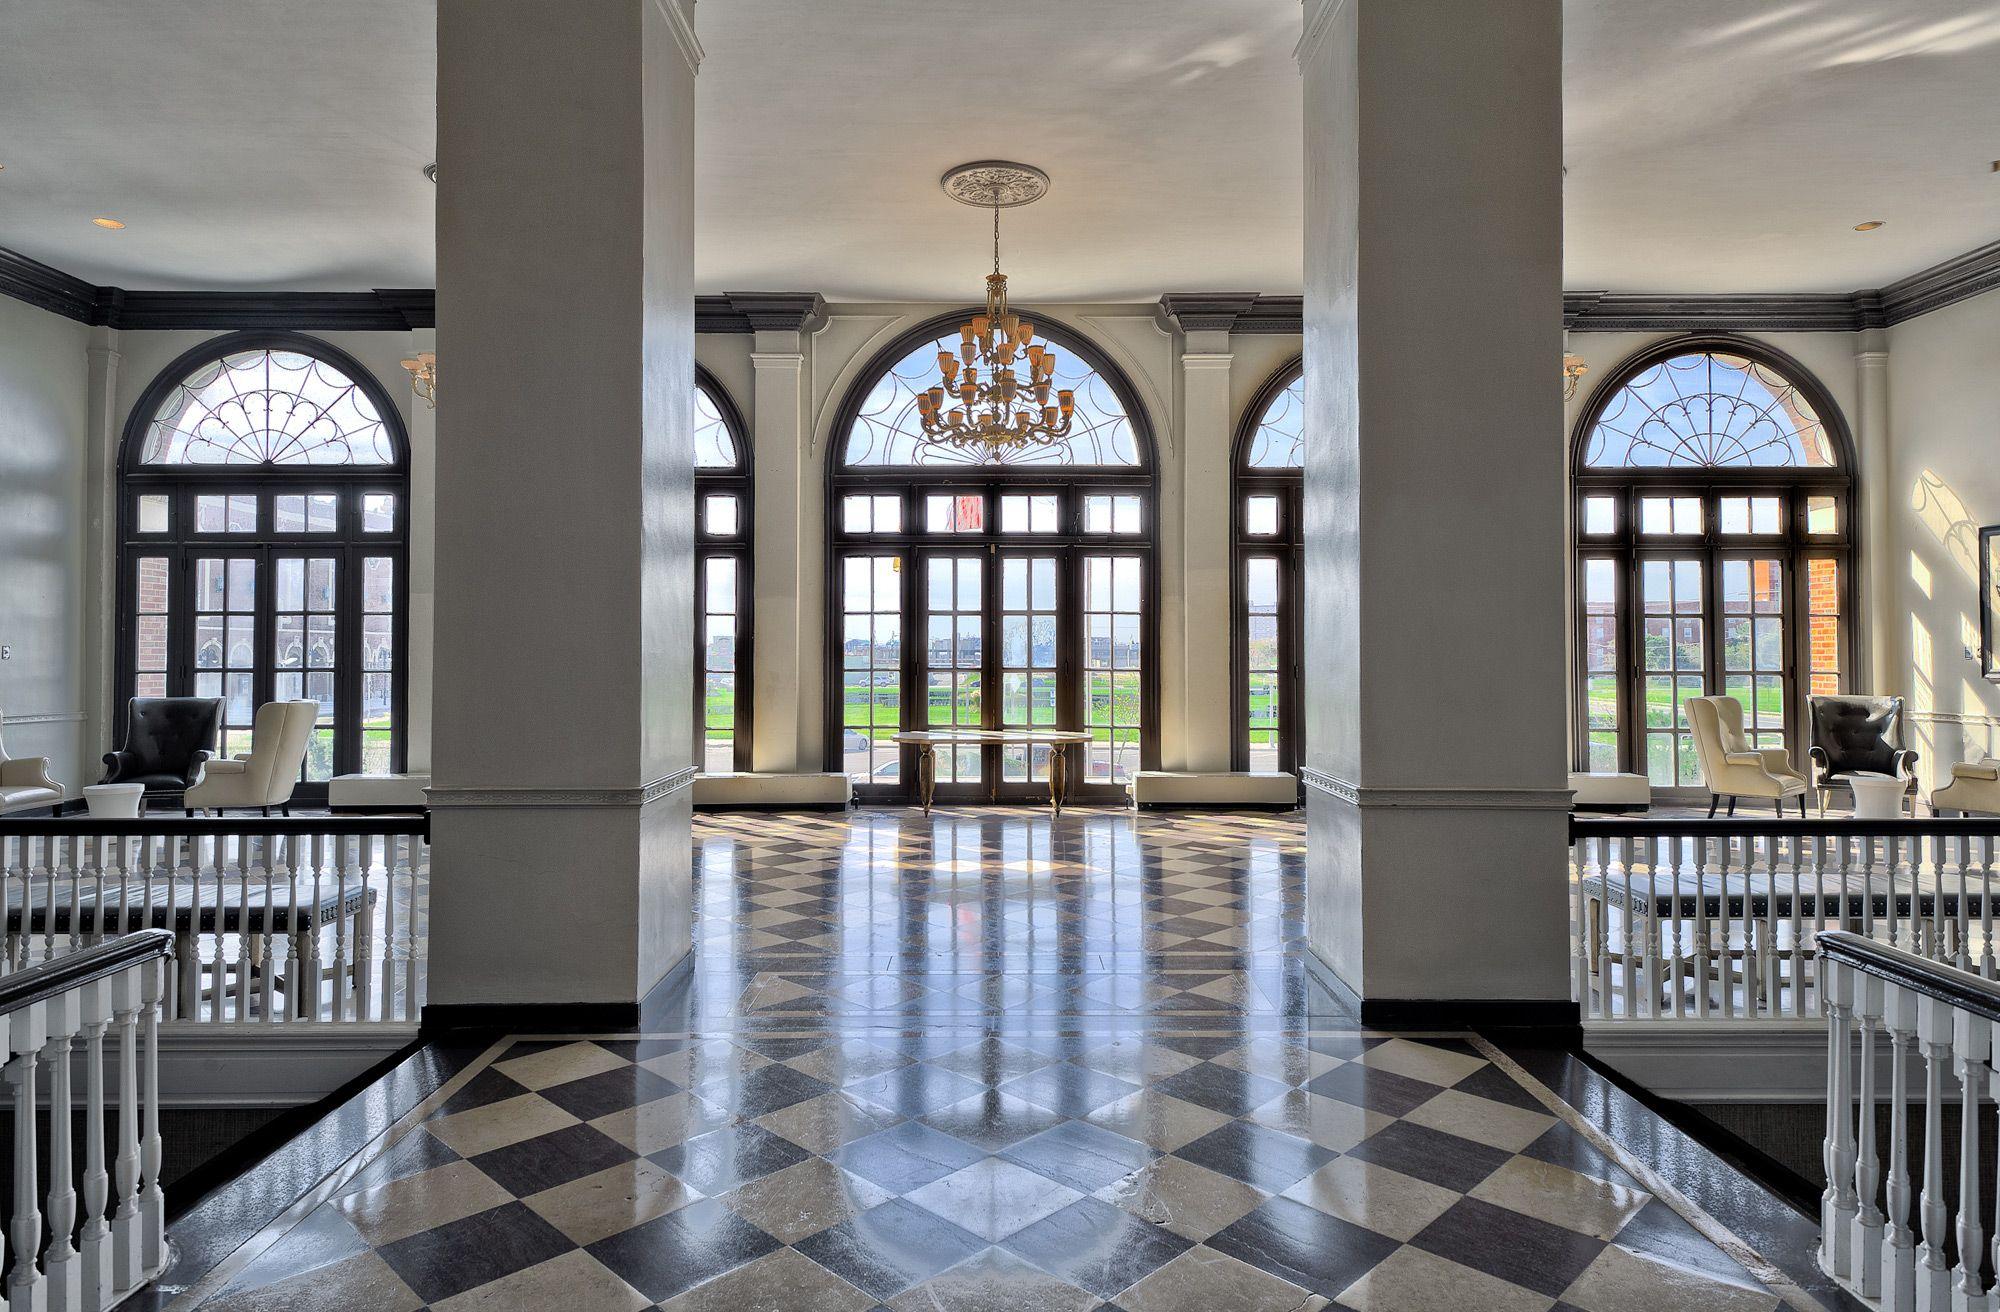 Official Website Of The Berkeley Oceanfront Hotel In Asbury Park NJ